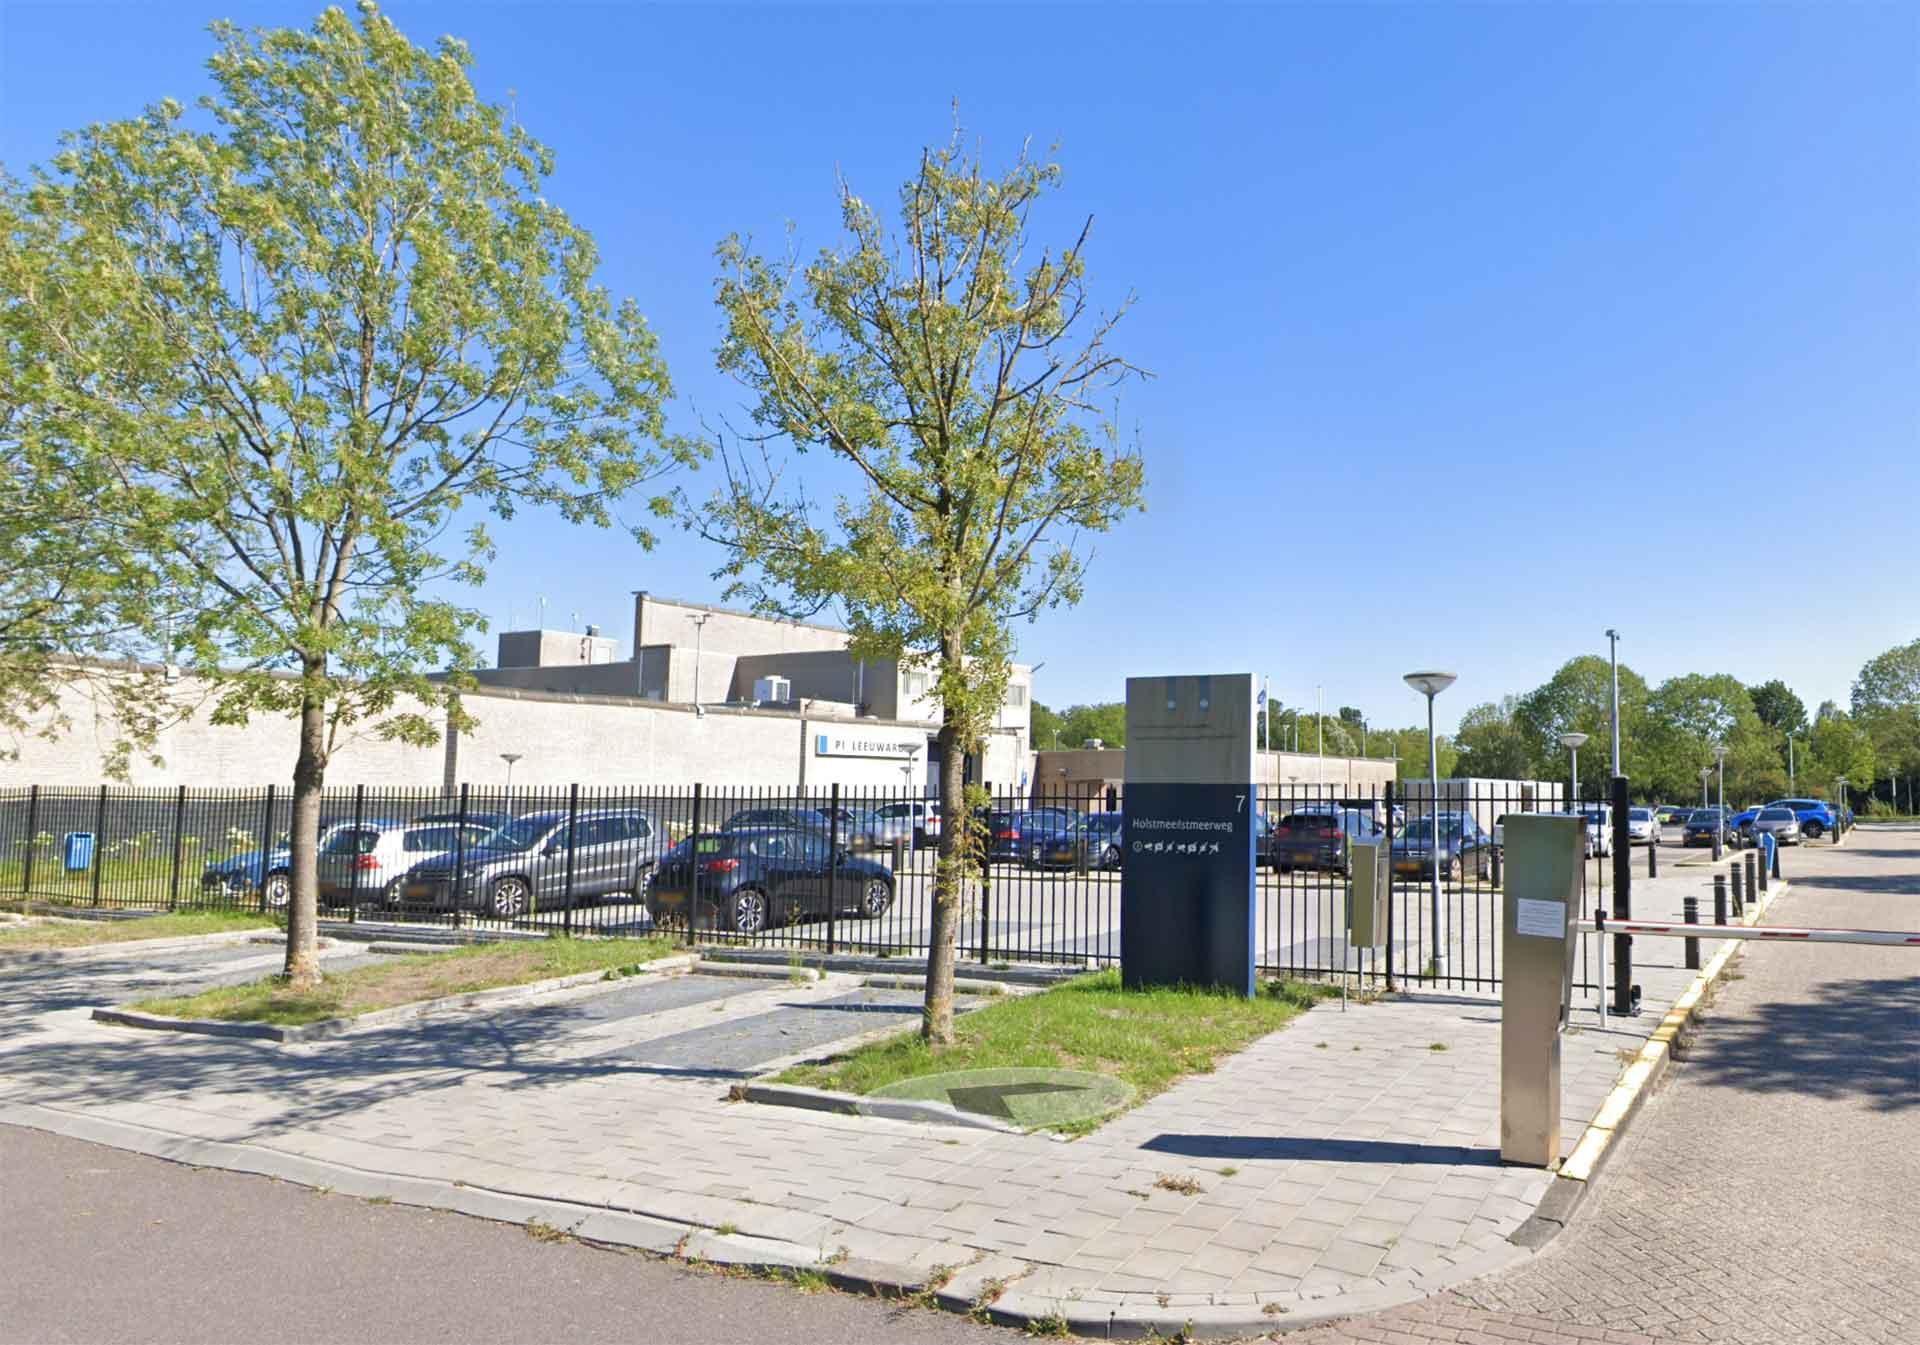 Penitentiaire Inrichting PI Leeuwarden - Weening Strafrechtadvocaten